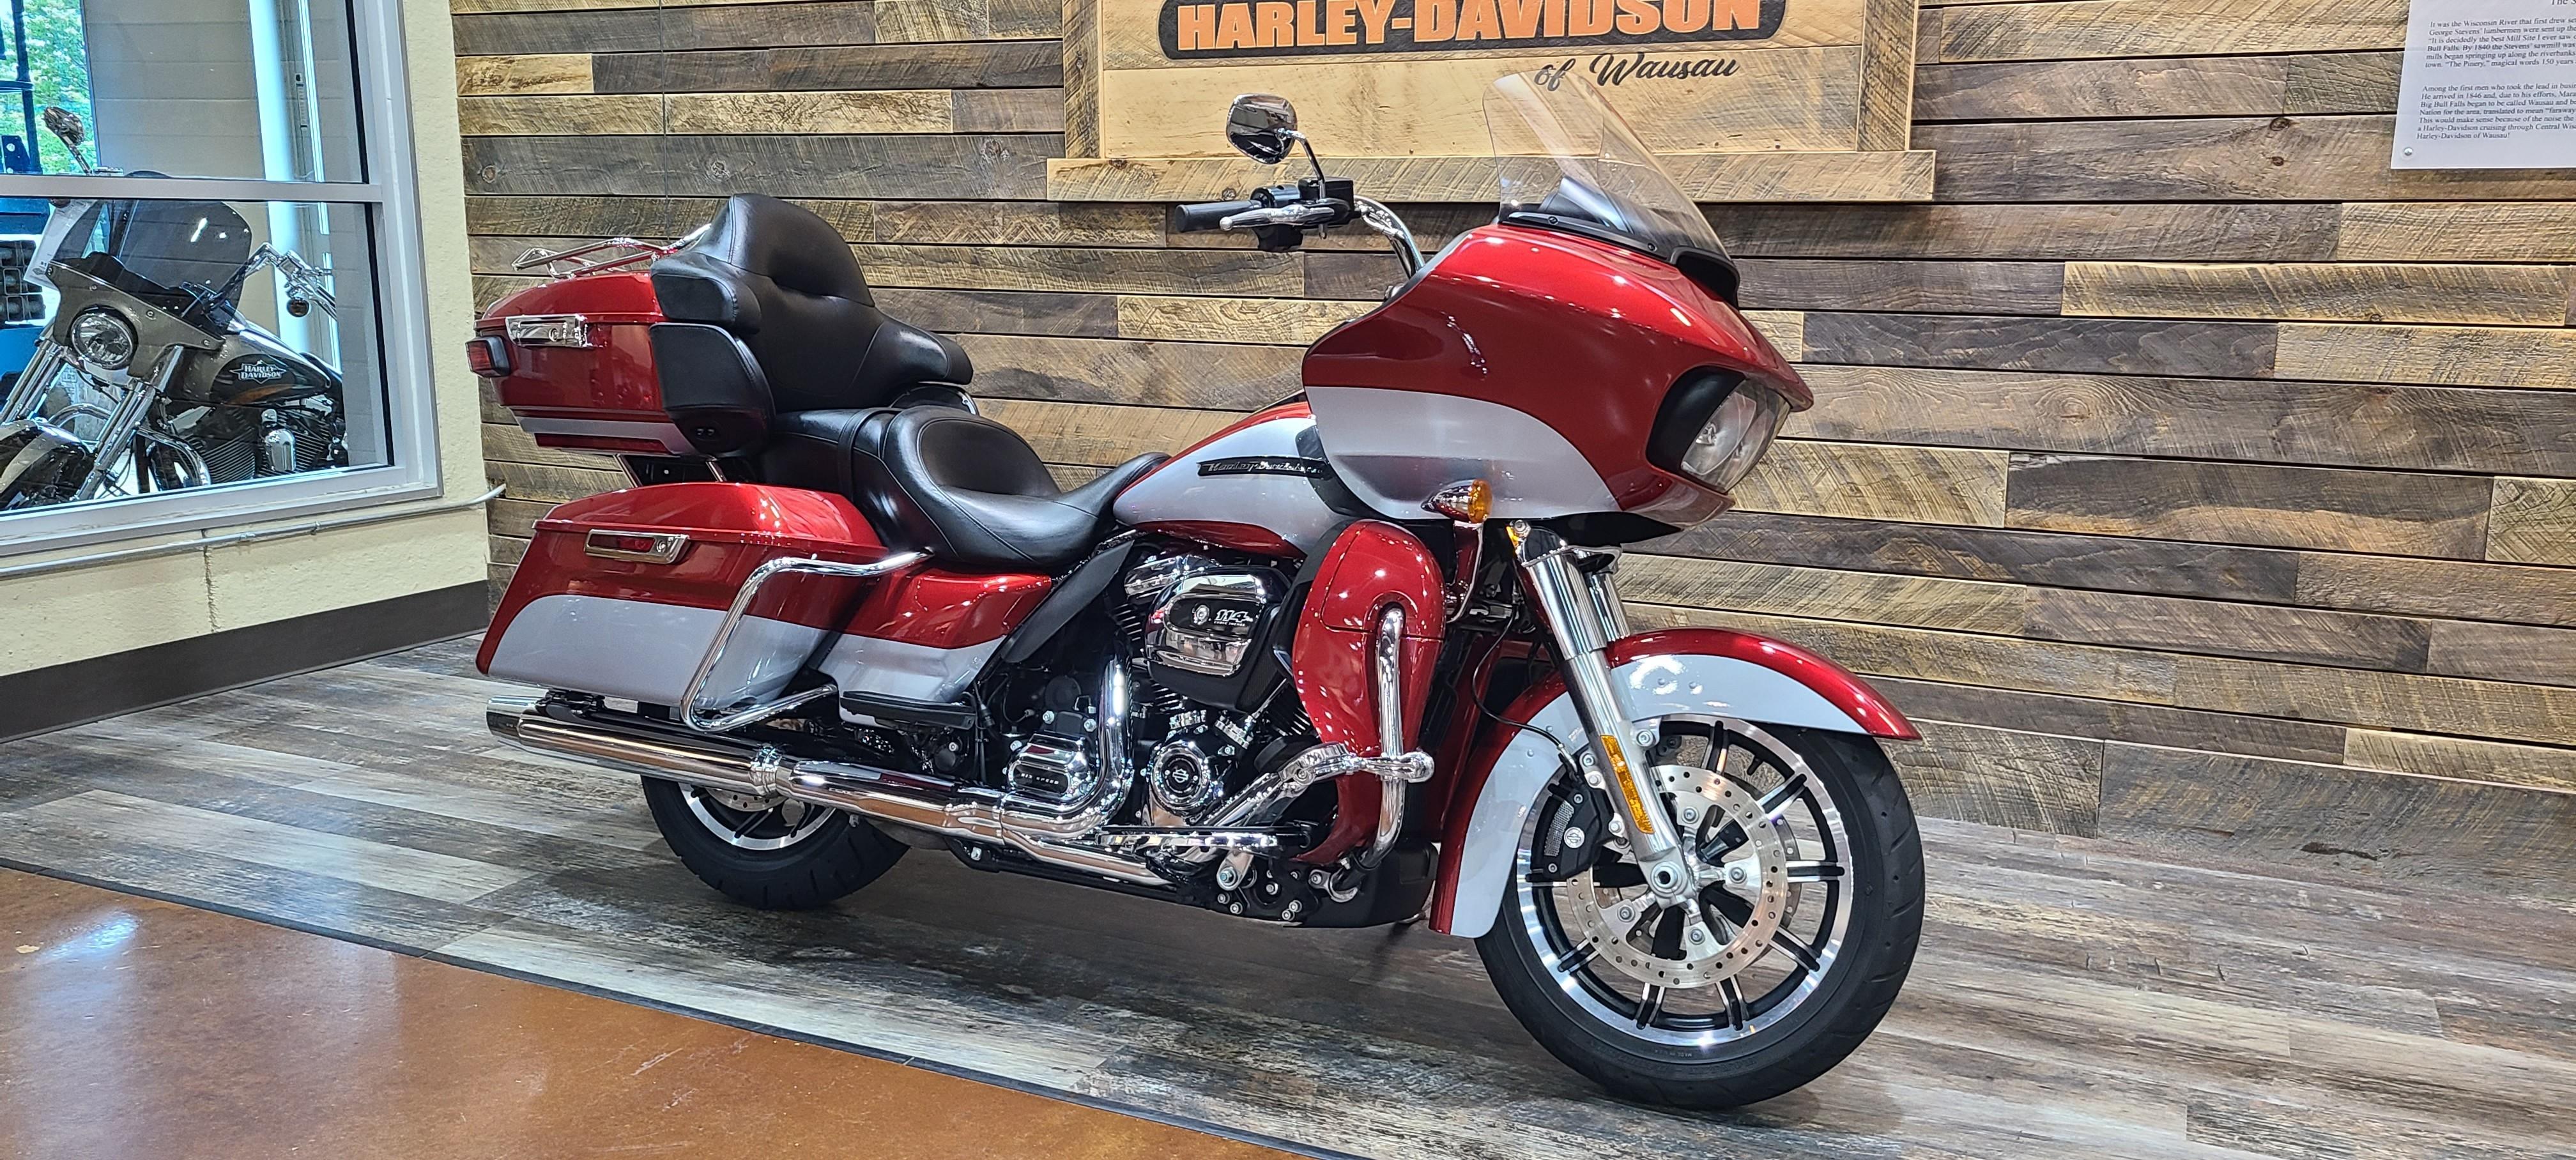 2019 Harley-Davidson Road Glide Ultra at Bull Falls Harley-Davidson